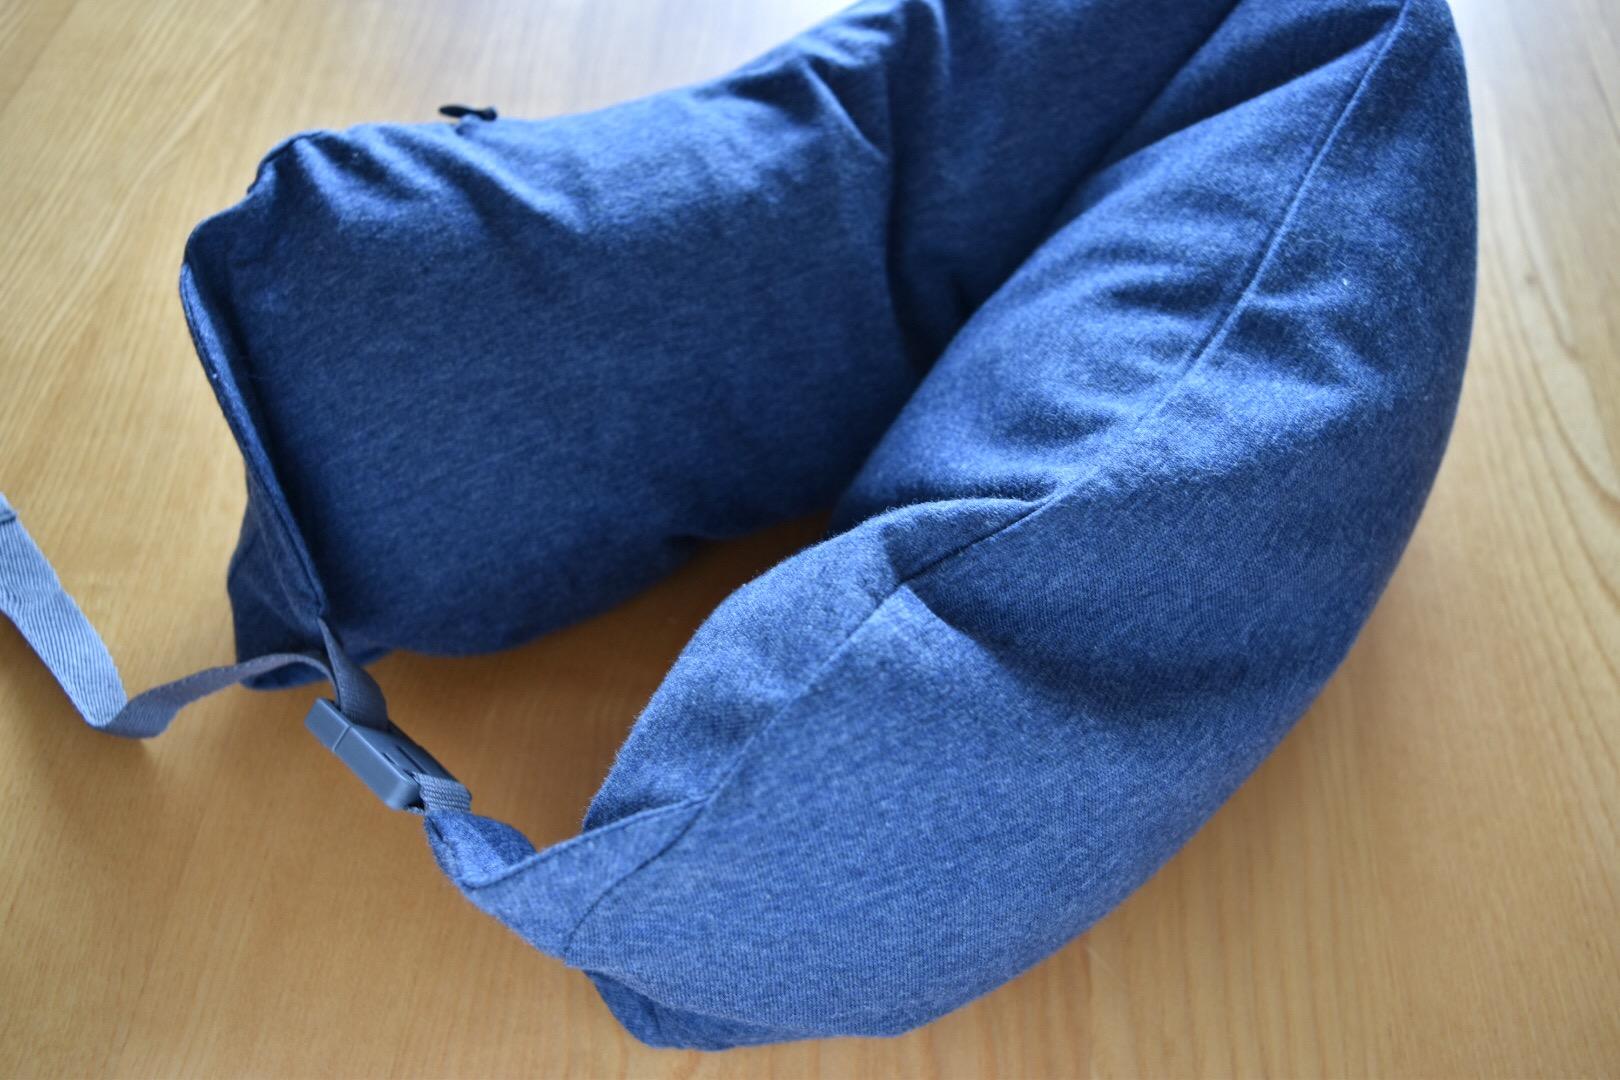 まず無印良品の『フィットするネッククッション』は、寝心地の面で優れています。高級枕と同じ素材を使ったネックピローとまではいきませんが、自分で空気を入れて  ...